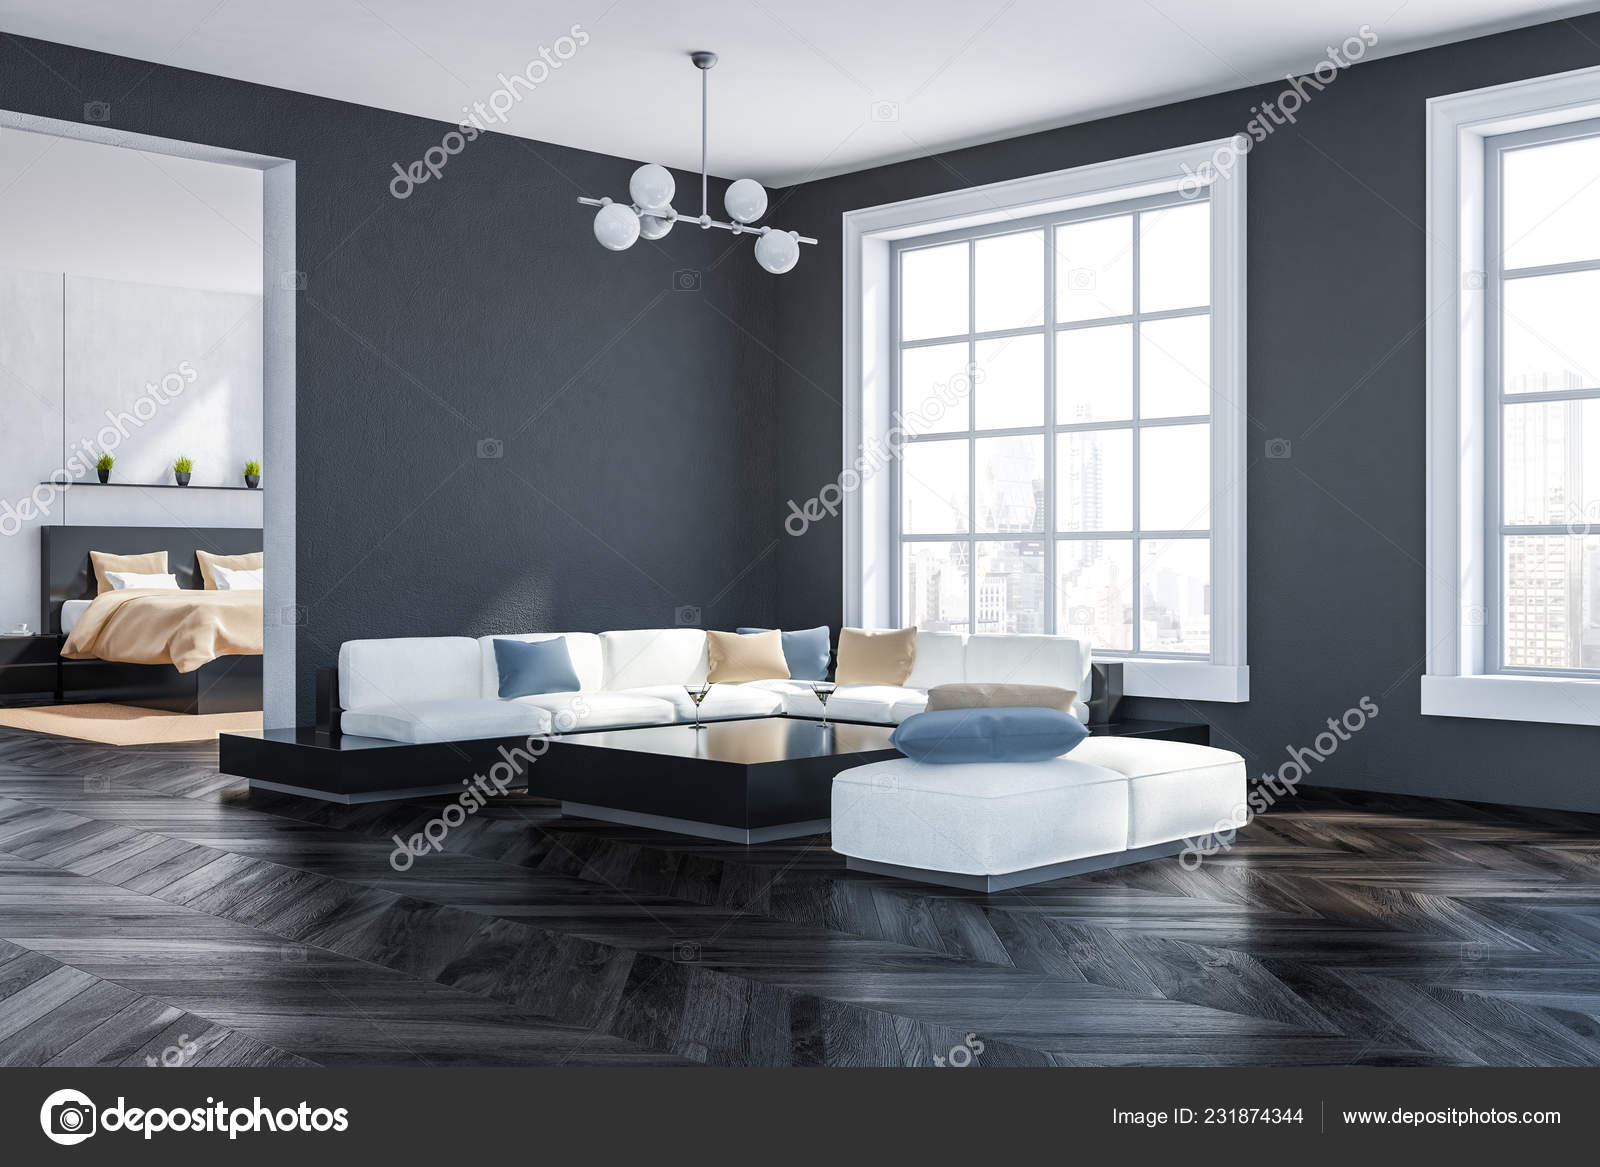 Ecke Des Wohnzimmers Mit Grauen Wanden Dunklen Holzboden Grosse